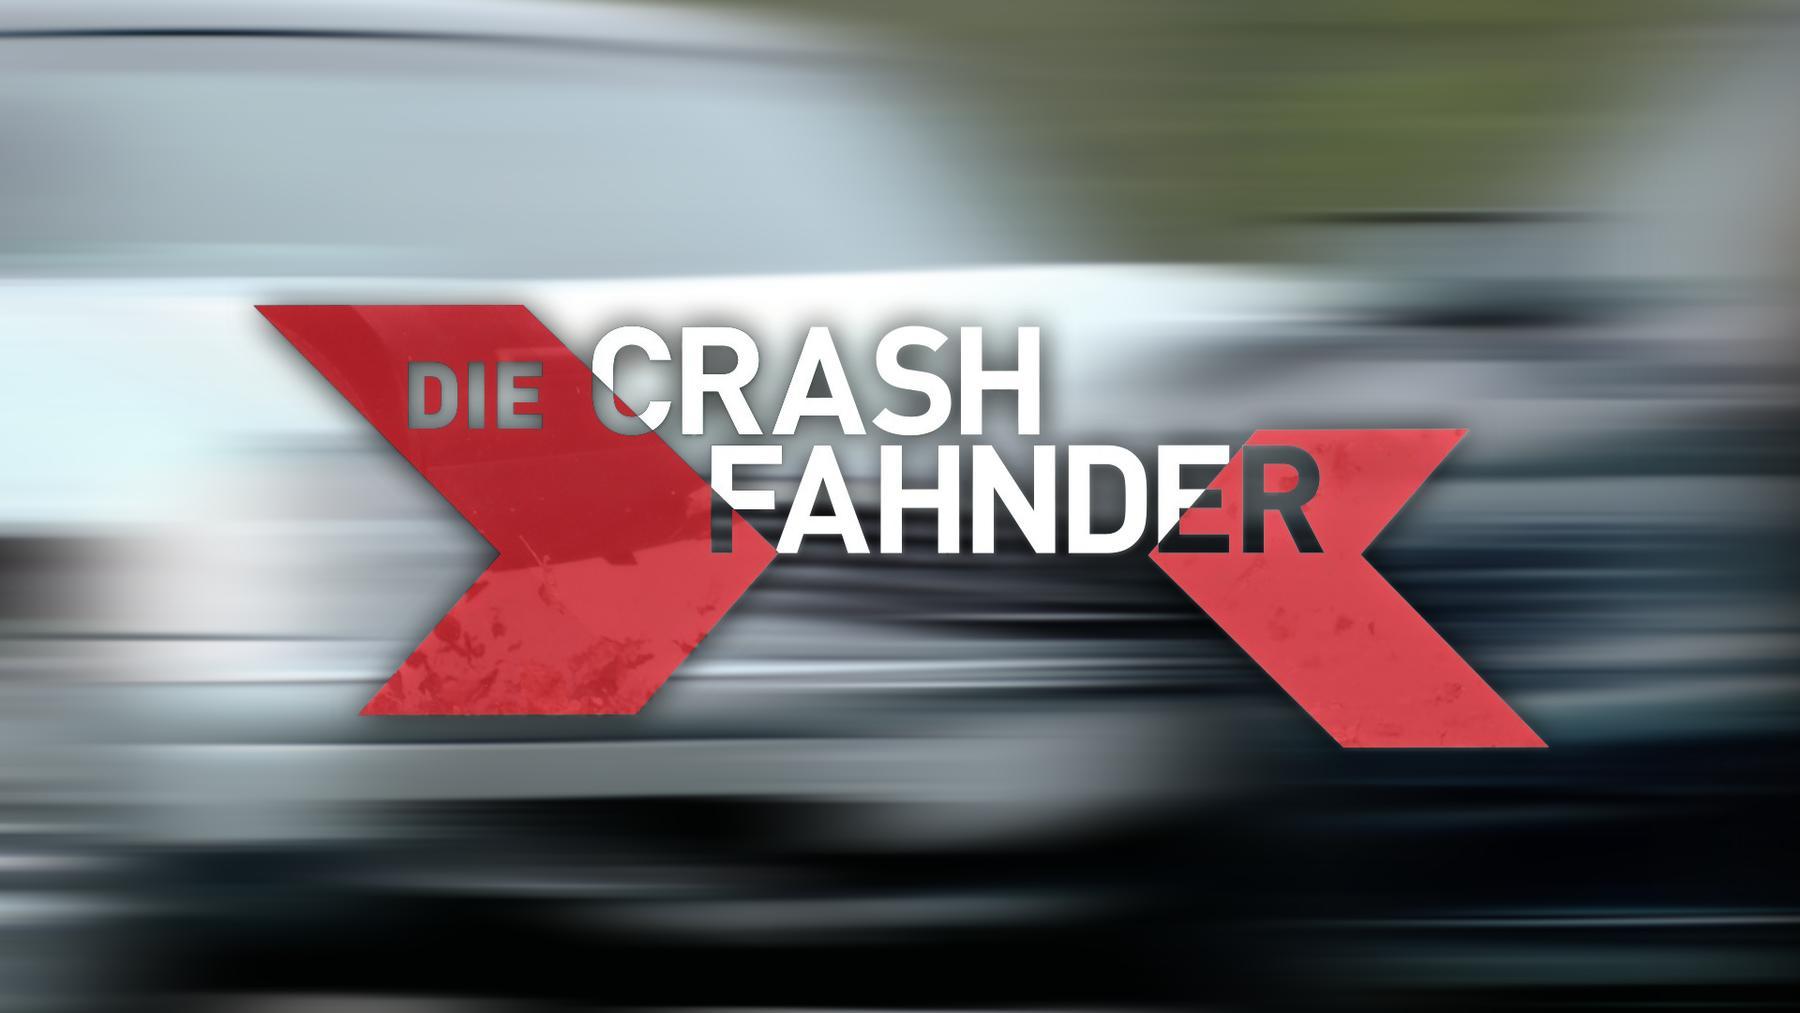 Crash-Fahnder, Die